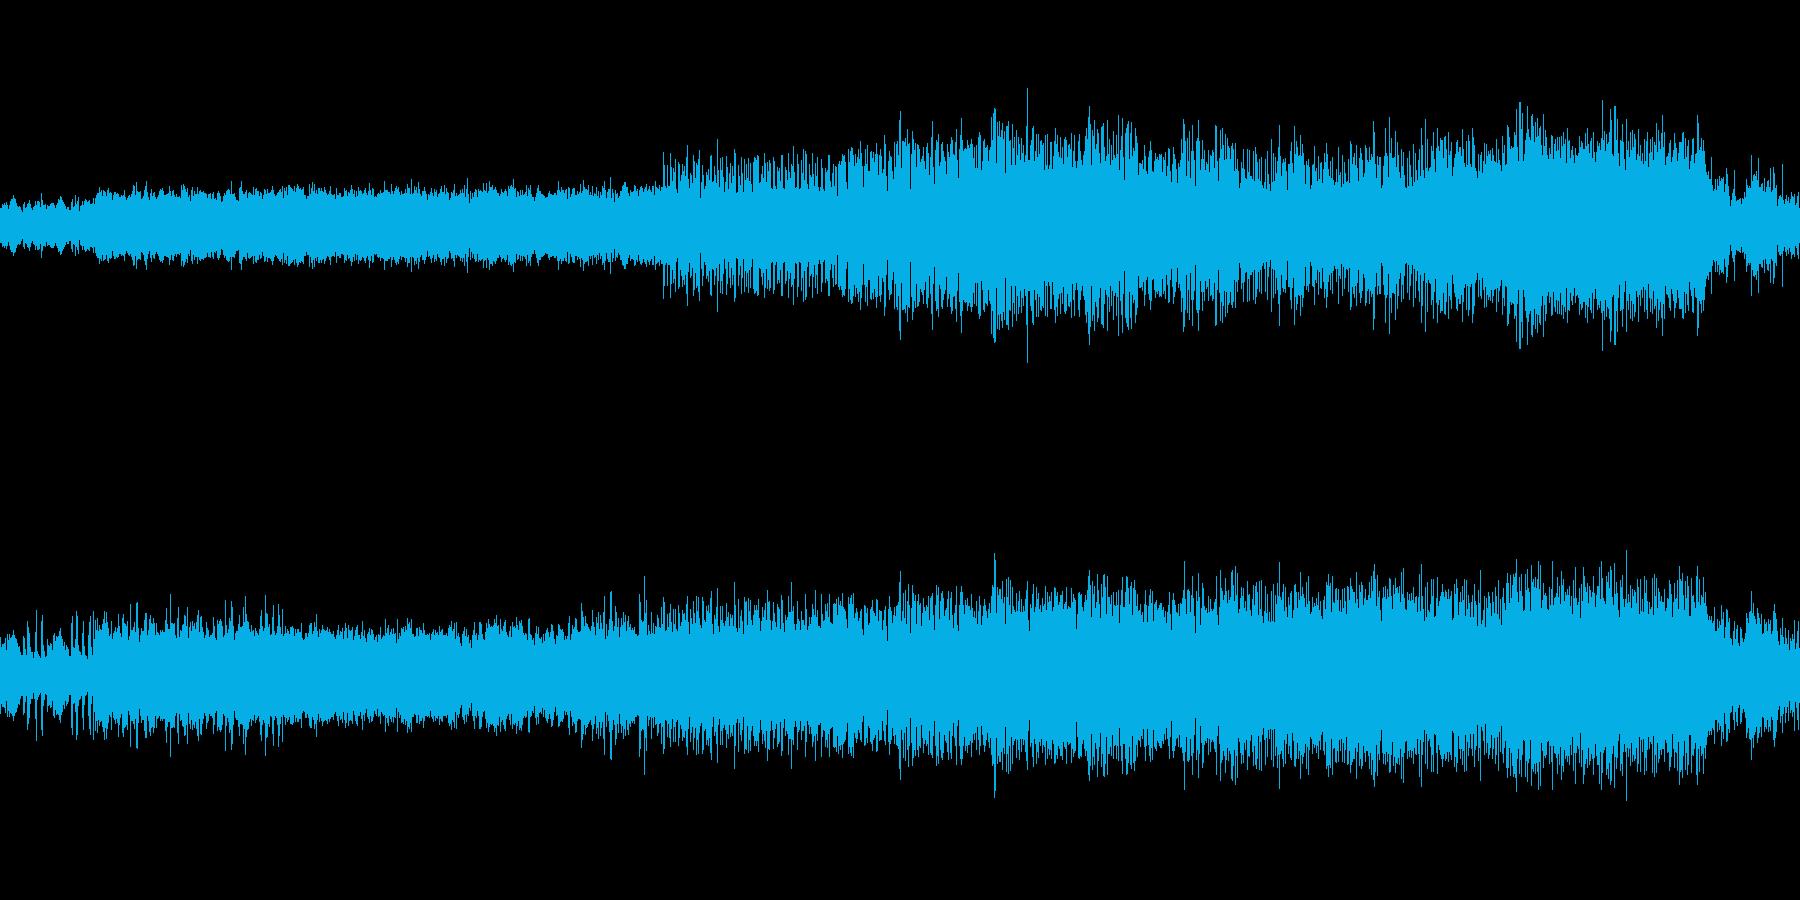 映像、ゲームのステージBGM(ケルト風)の再生済みの波形